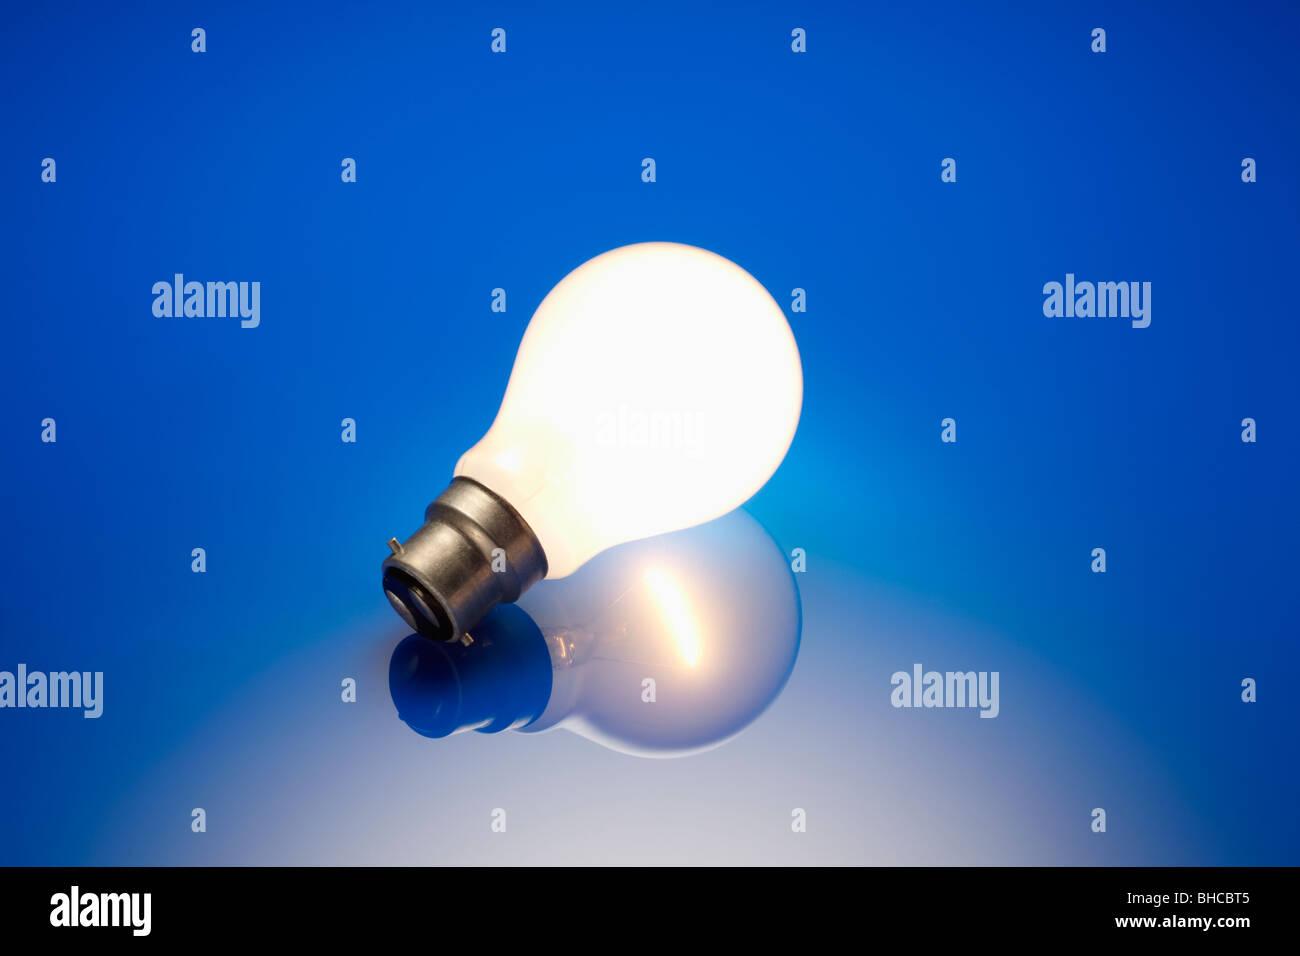 Lampadina standard illuminato Immagini Stock